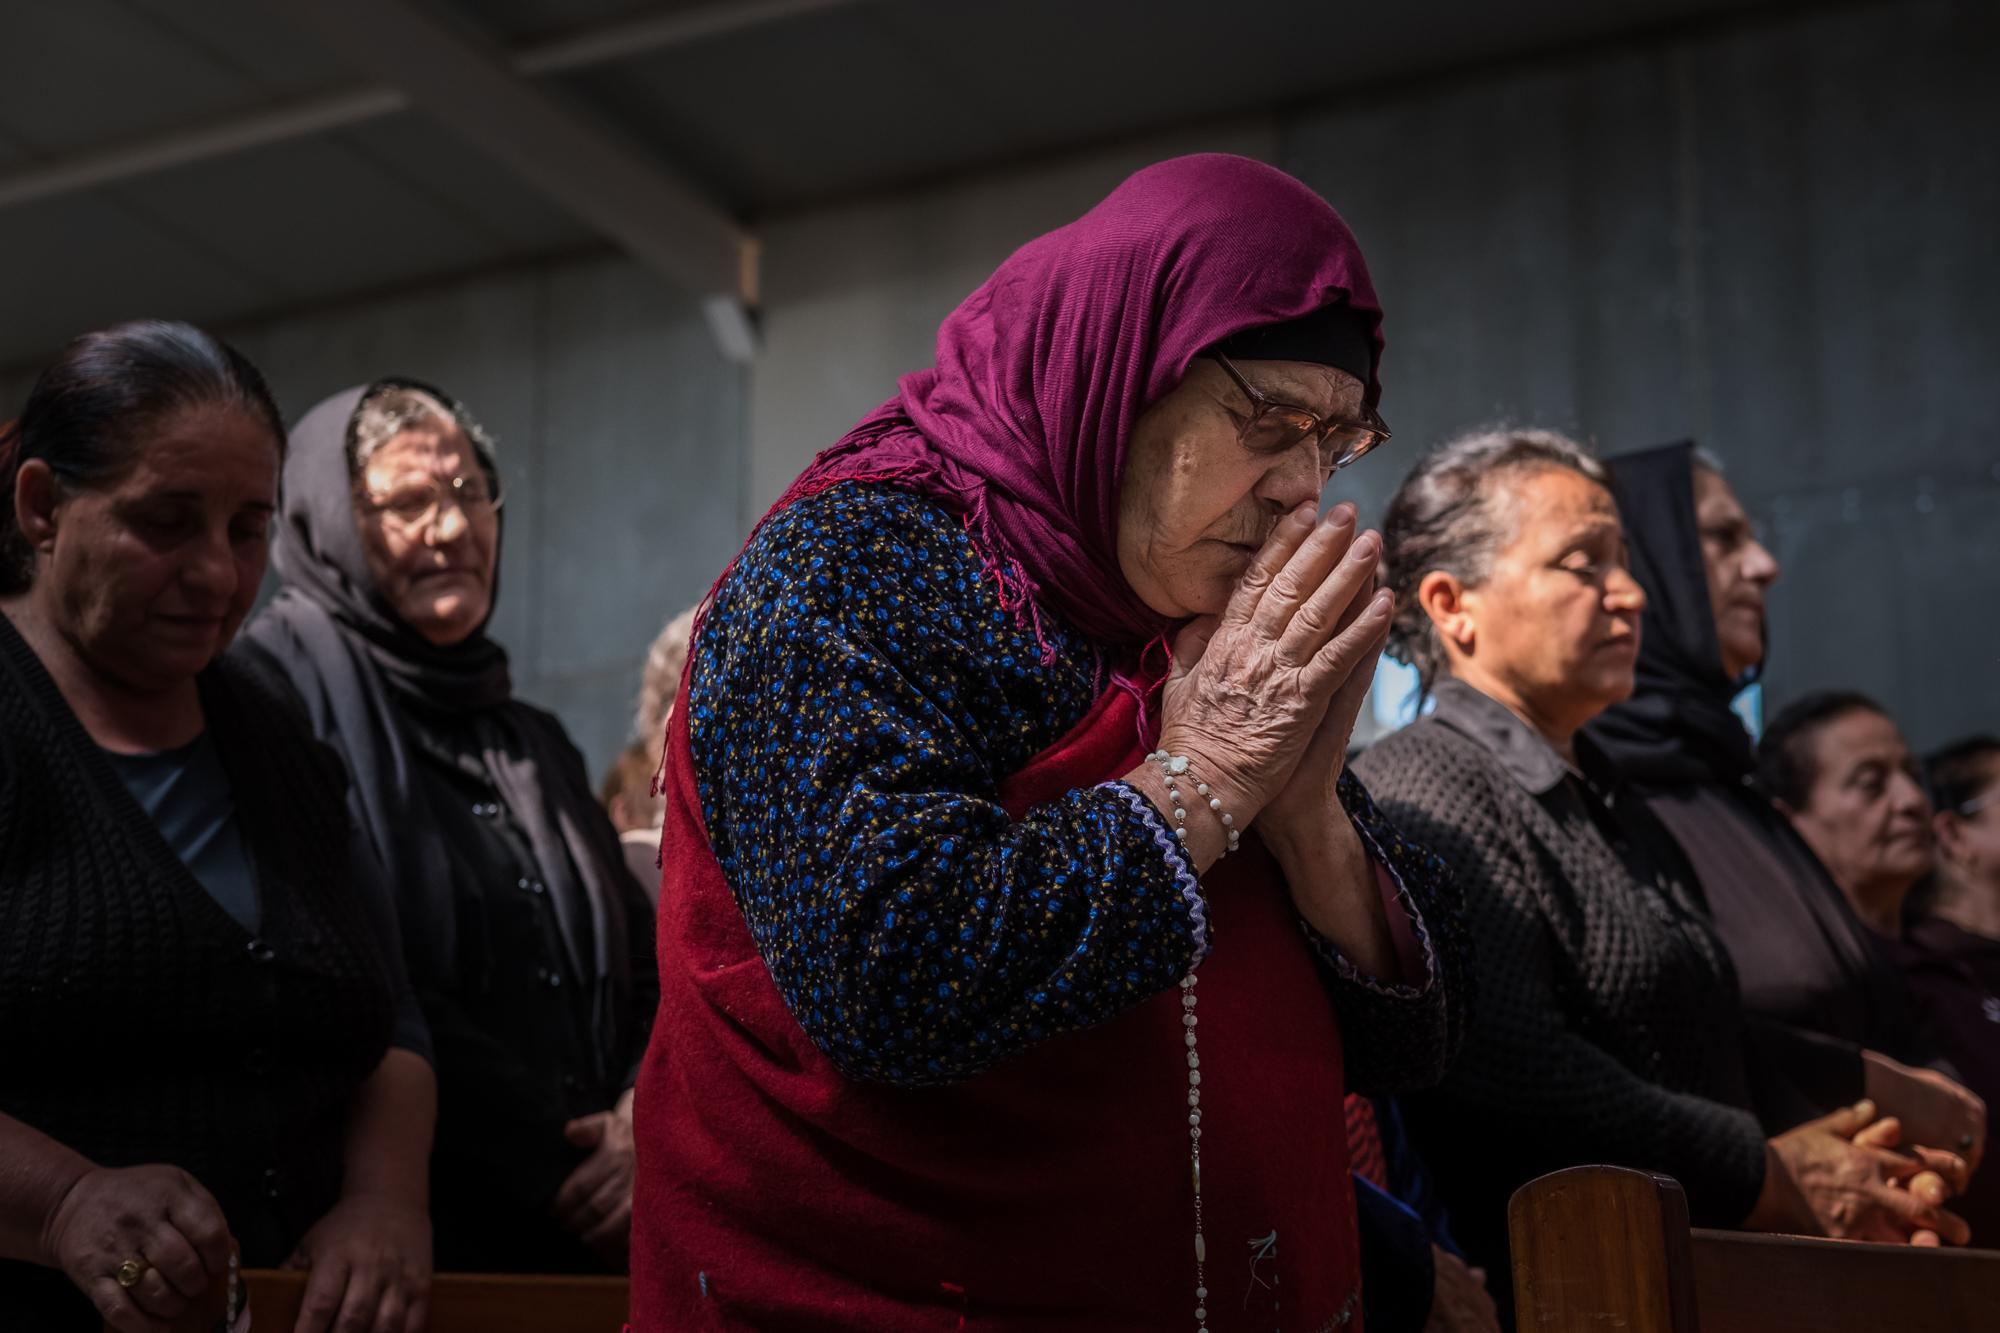 19 avril 2016 : Inauguration et messe de l'église de Mar Shmony - construite pour les chrétiens réfugiés d'Erbil - célébrée par Monseigneur Yohanna Petros MOUCHÉ, archevêque catholique syriaque de Mossoul. Ankawa, Erbil, Kurdistan irakien, Irak - © Jean-Matthieu Gautier - X-Pro 2 - XF 35mm f/2 WR à f/2.8 - 1/680 - ISO 400